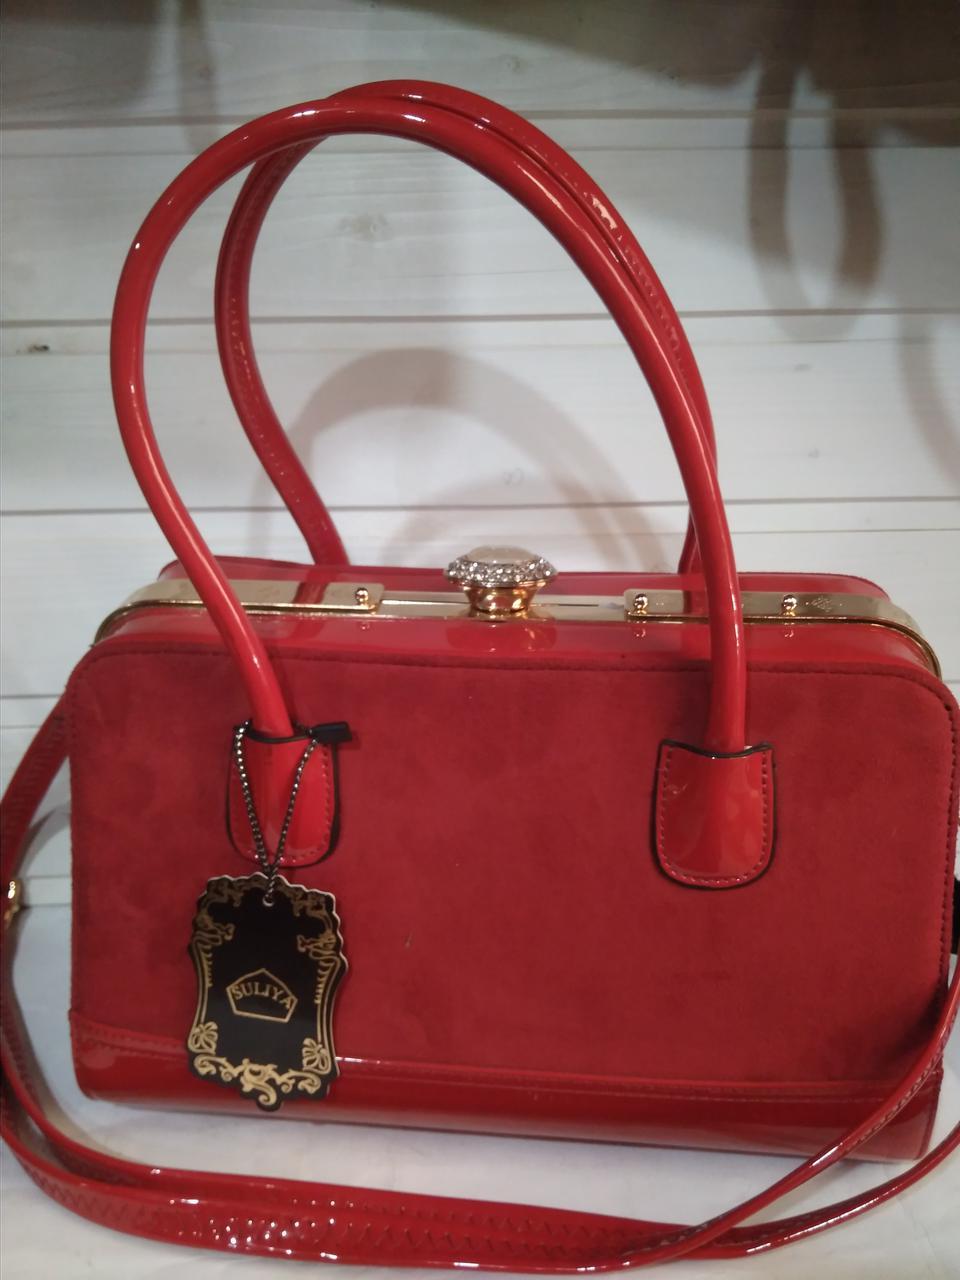 43e68b85ebf0 ... Женская сумка с жестким каркасом внутри и застежкой типа